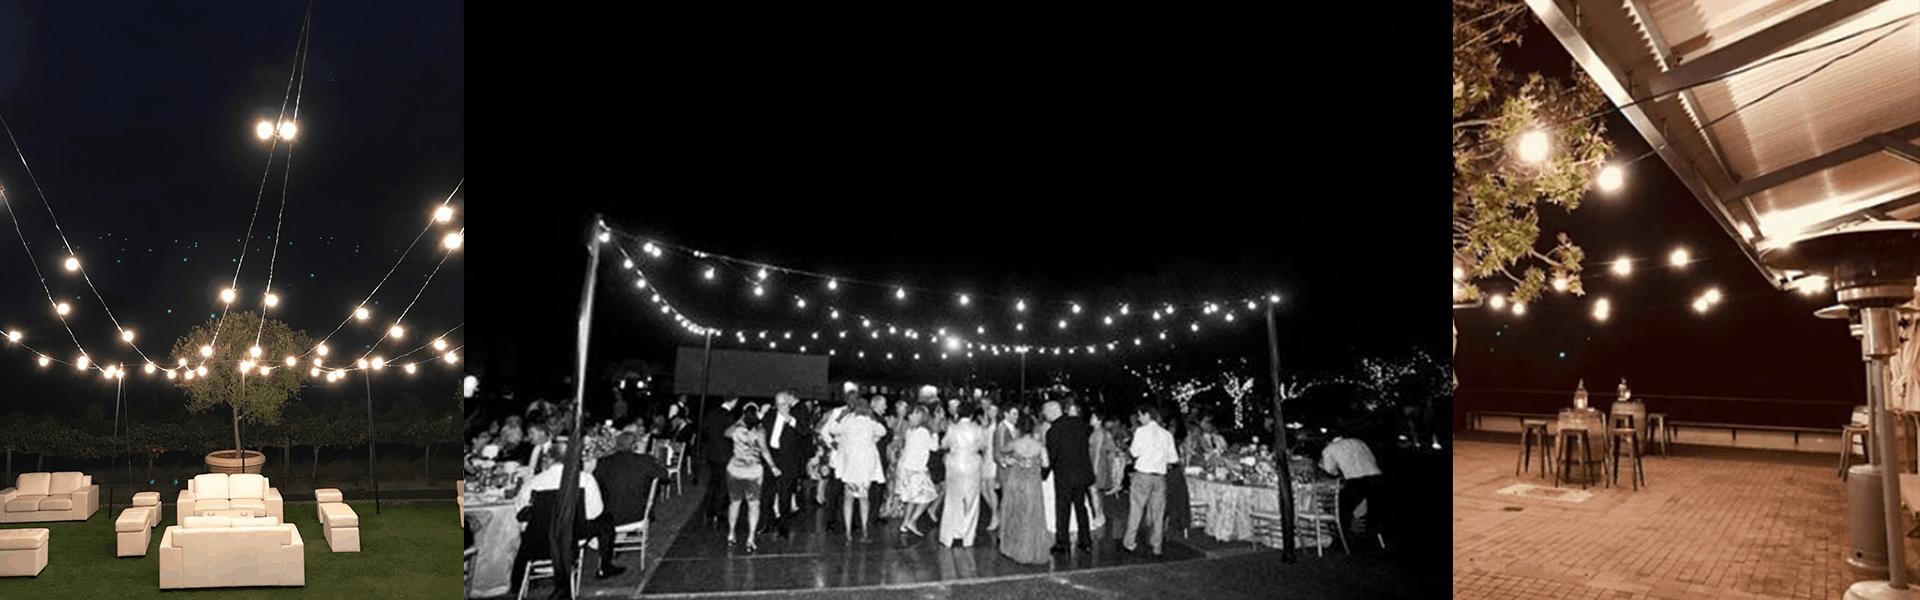 wedding mood lighting fairy lights